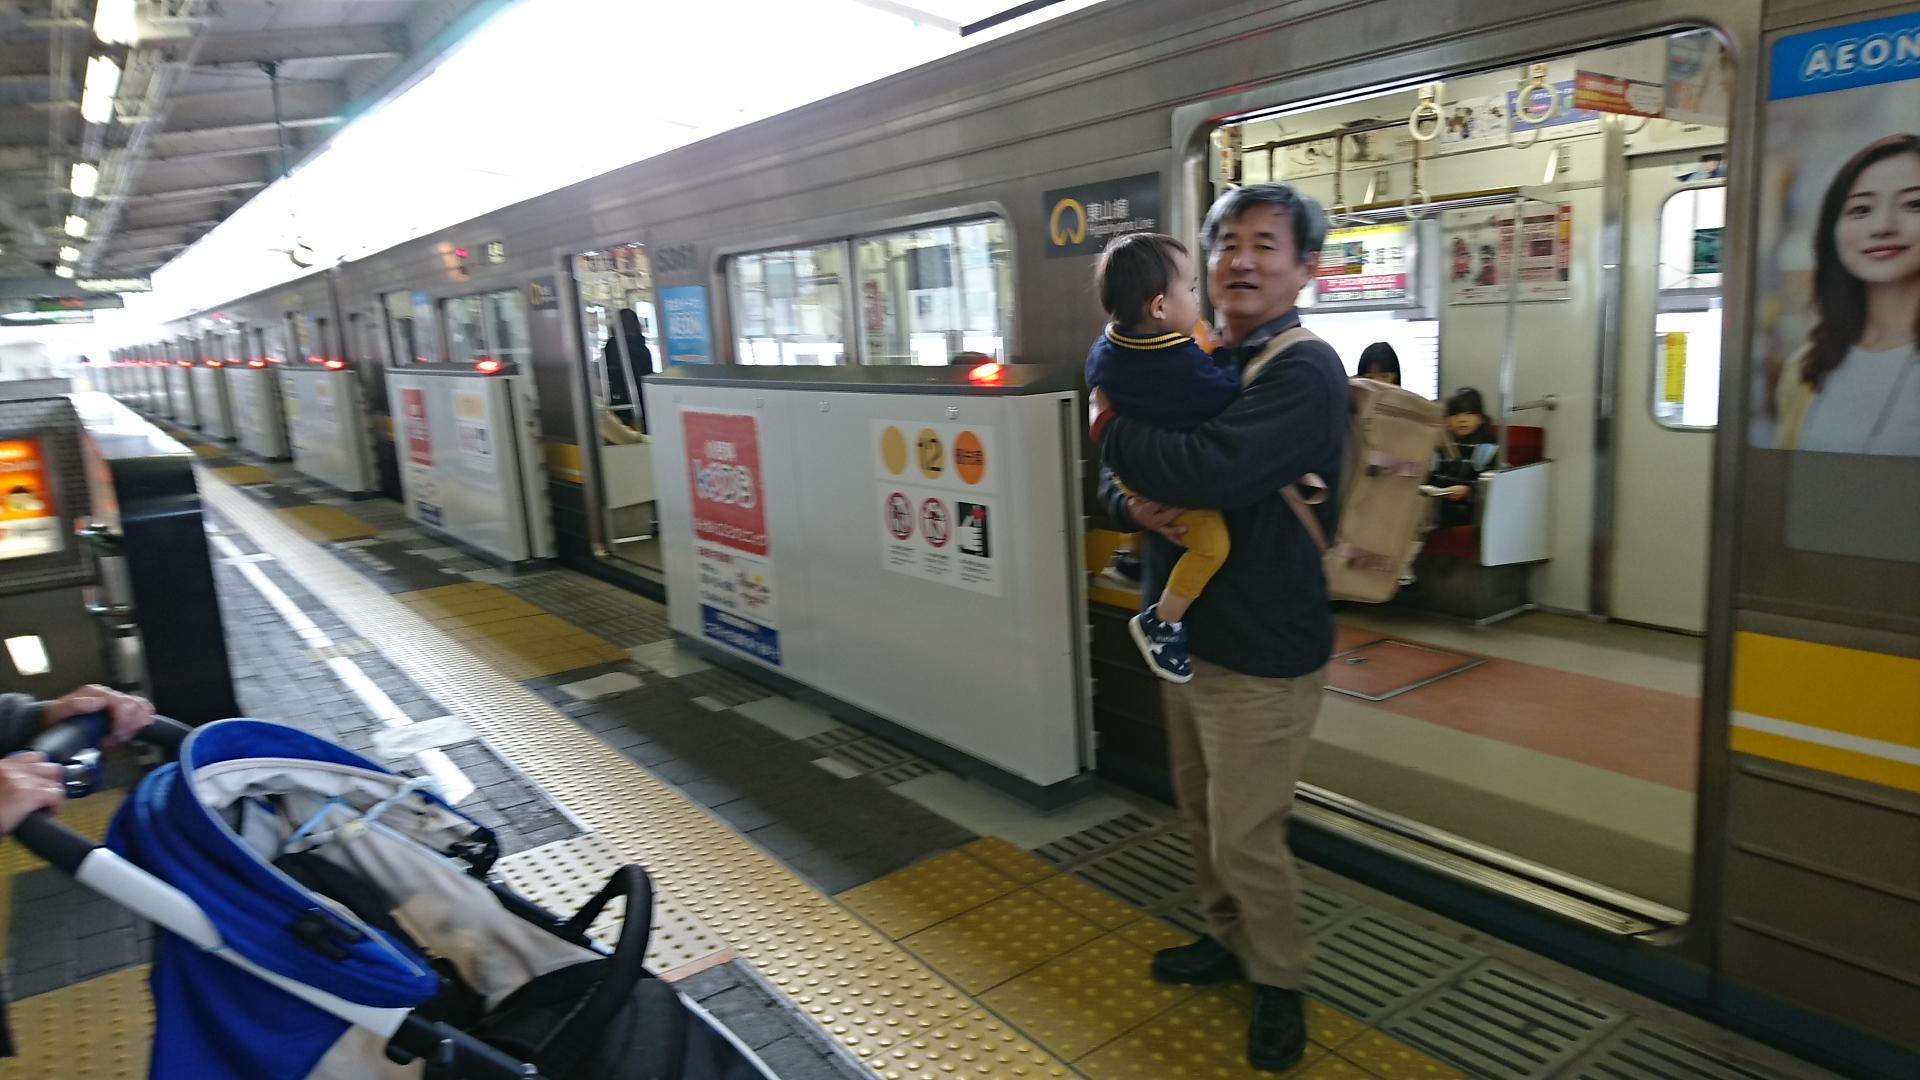 2016.11.23 聡太♪ (11) 1920-1080